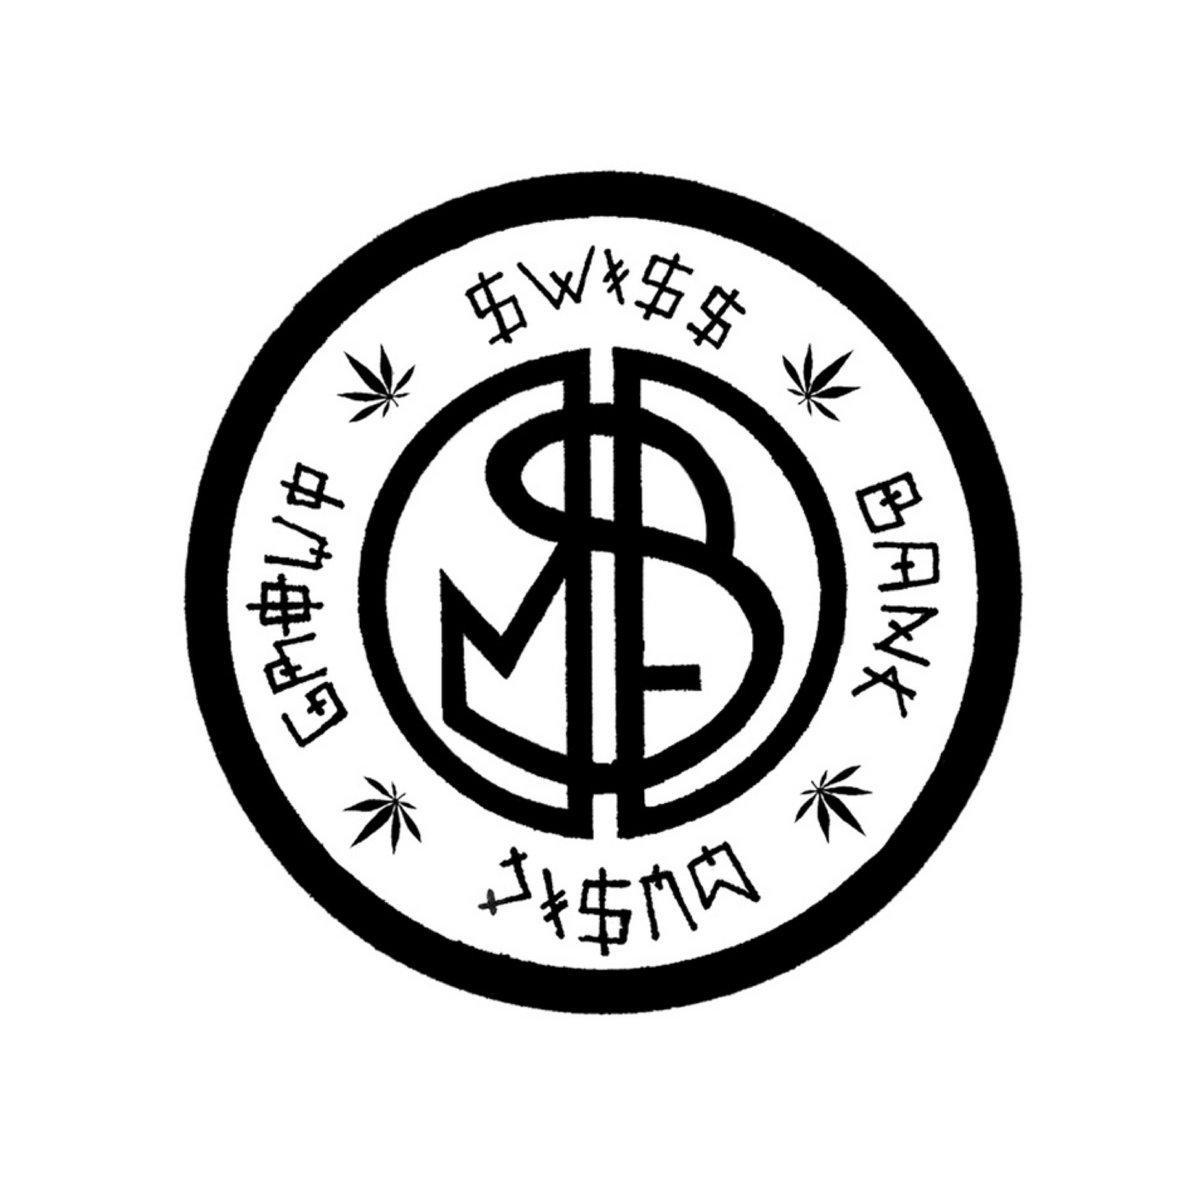 Swiss bank music group swiss bank music group image buycottarizona Image collections